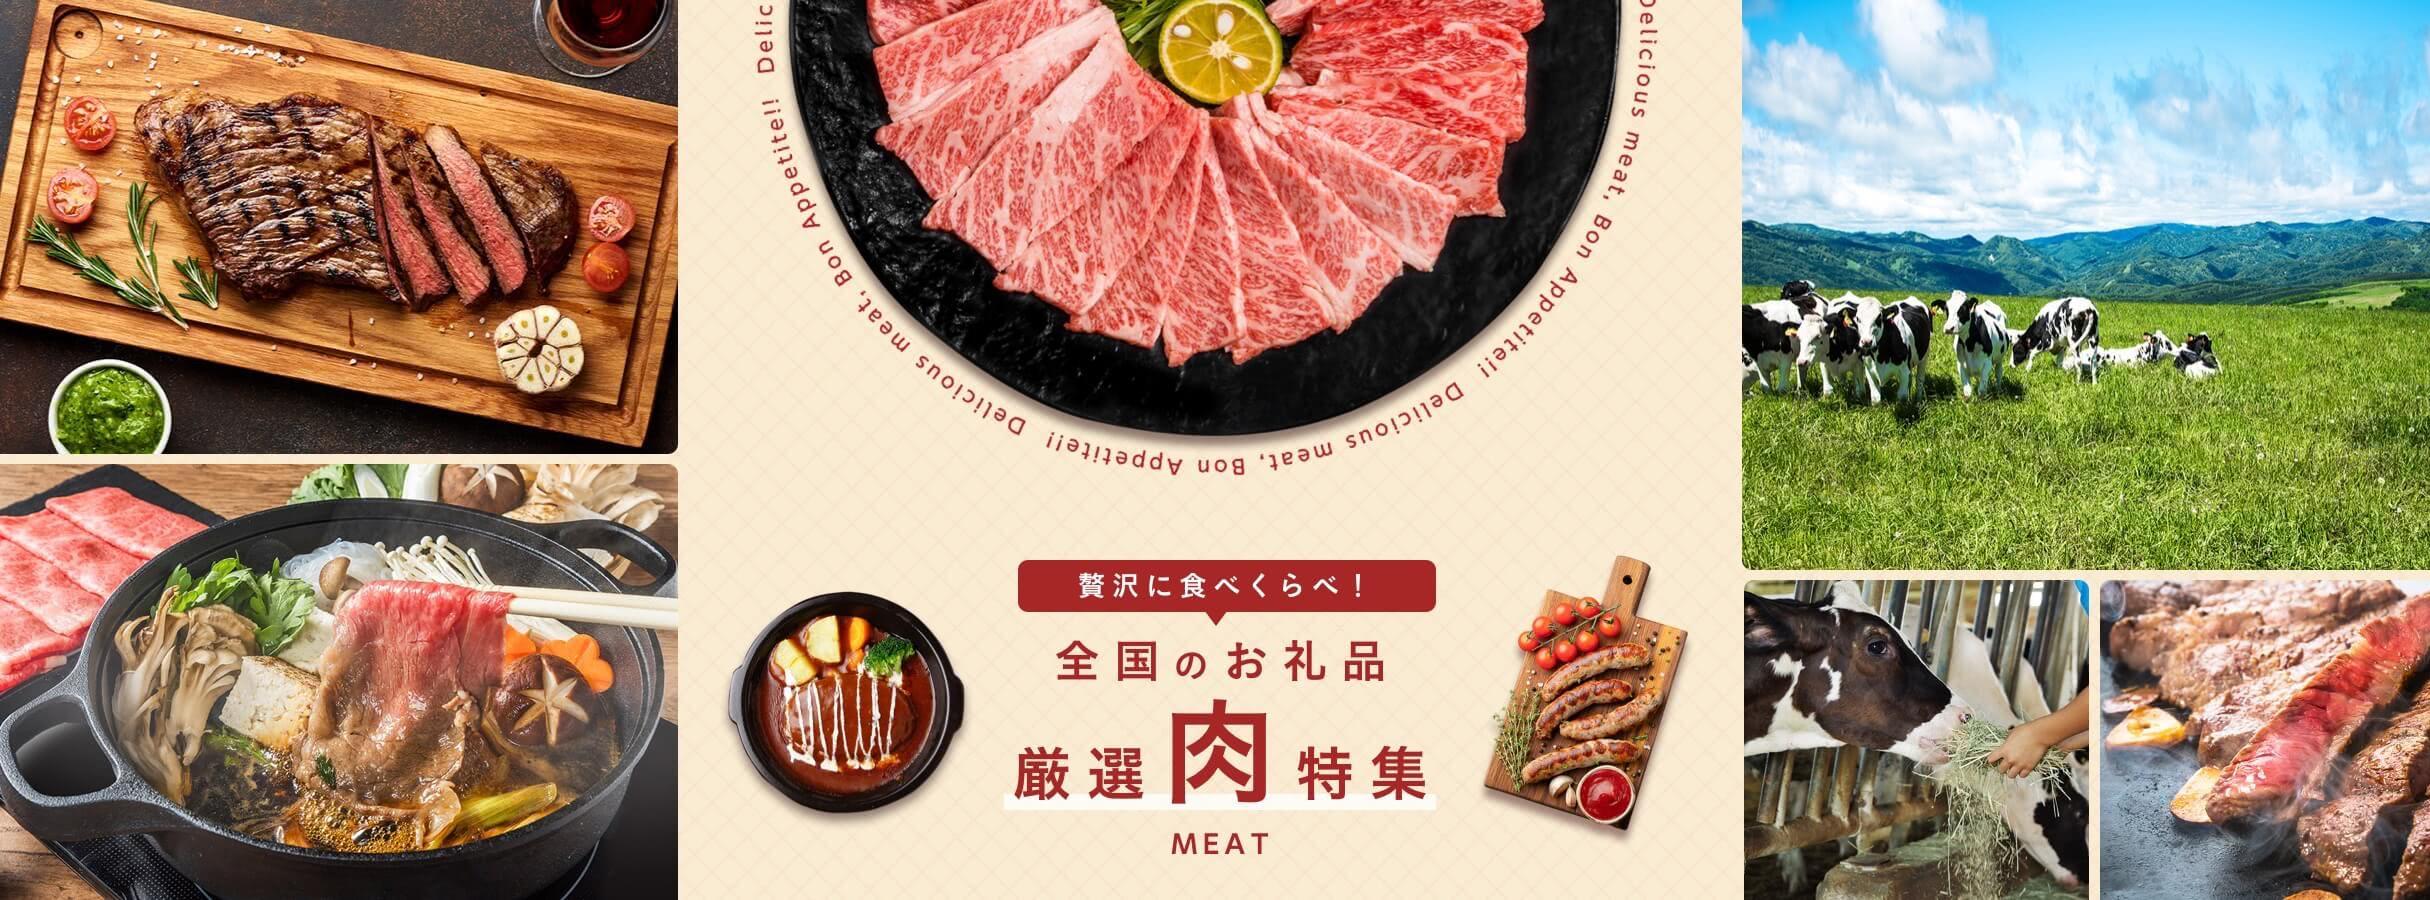 贅沢に食べくらべ! 全国のお礼品厳選肉特集 MEAT